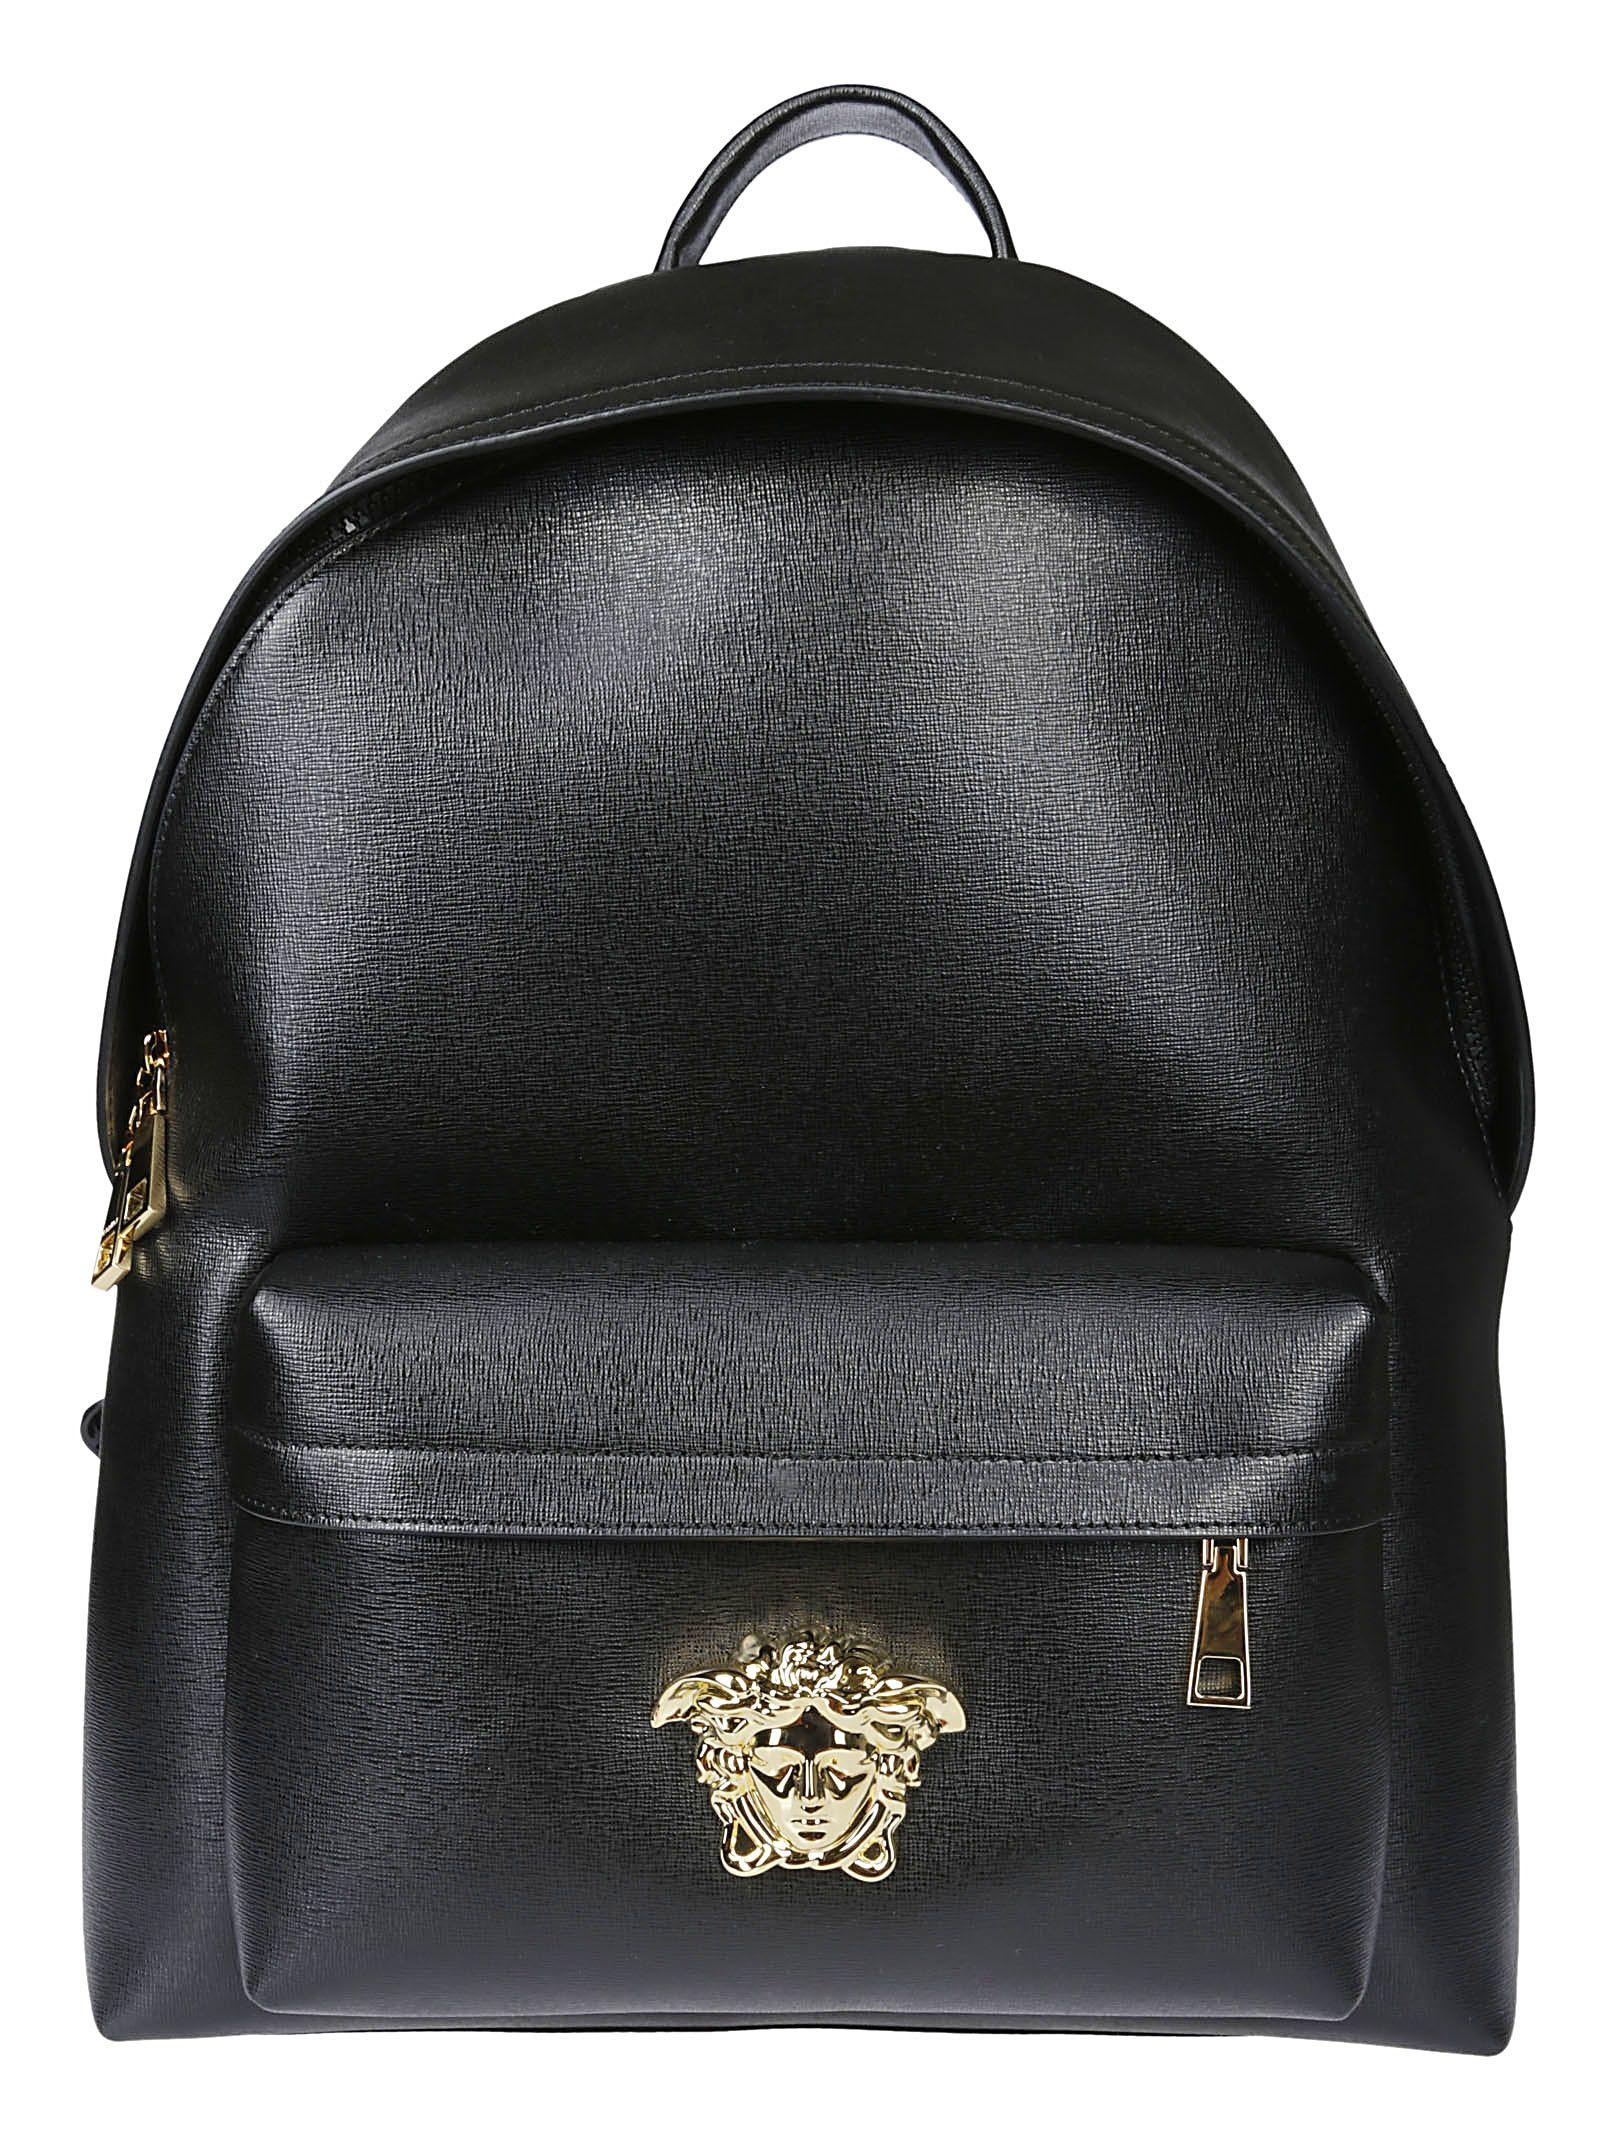 b672af081616 Versace Versace Medusa Logo Plaque Backpack - Black - 10813667